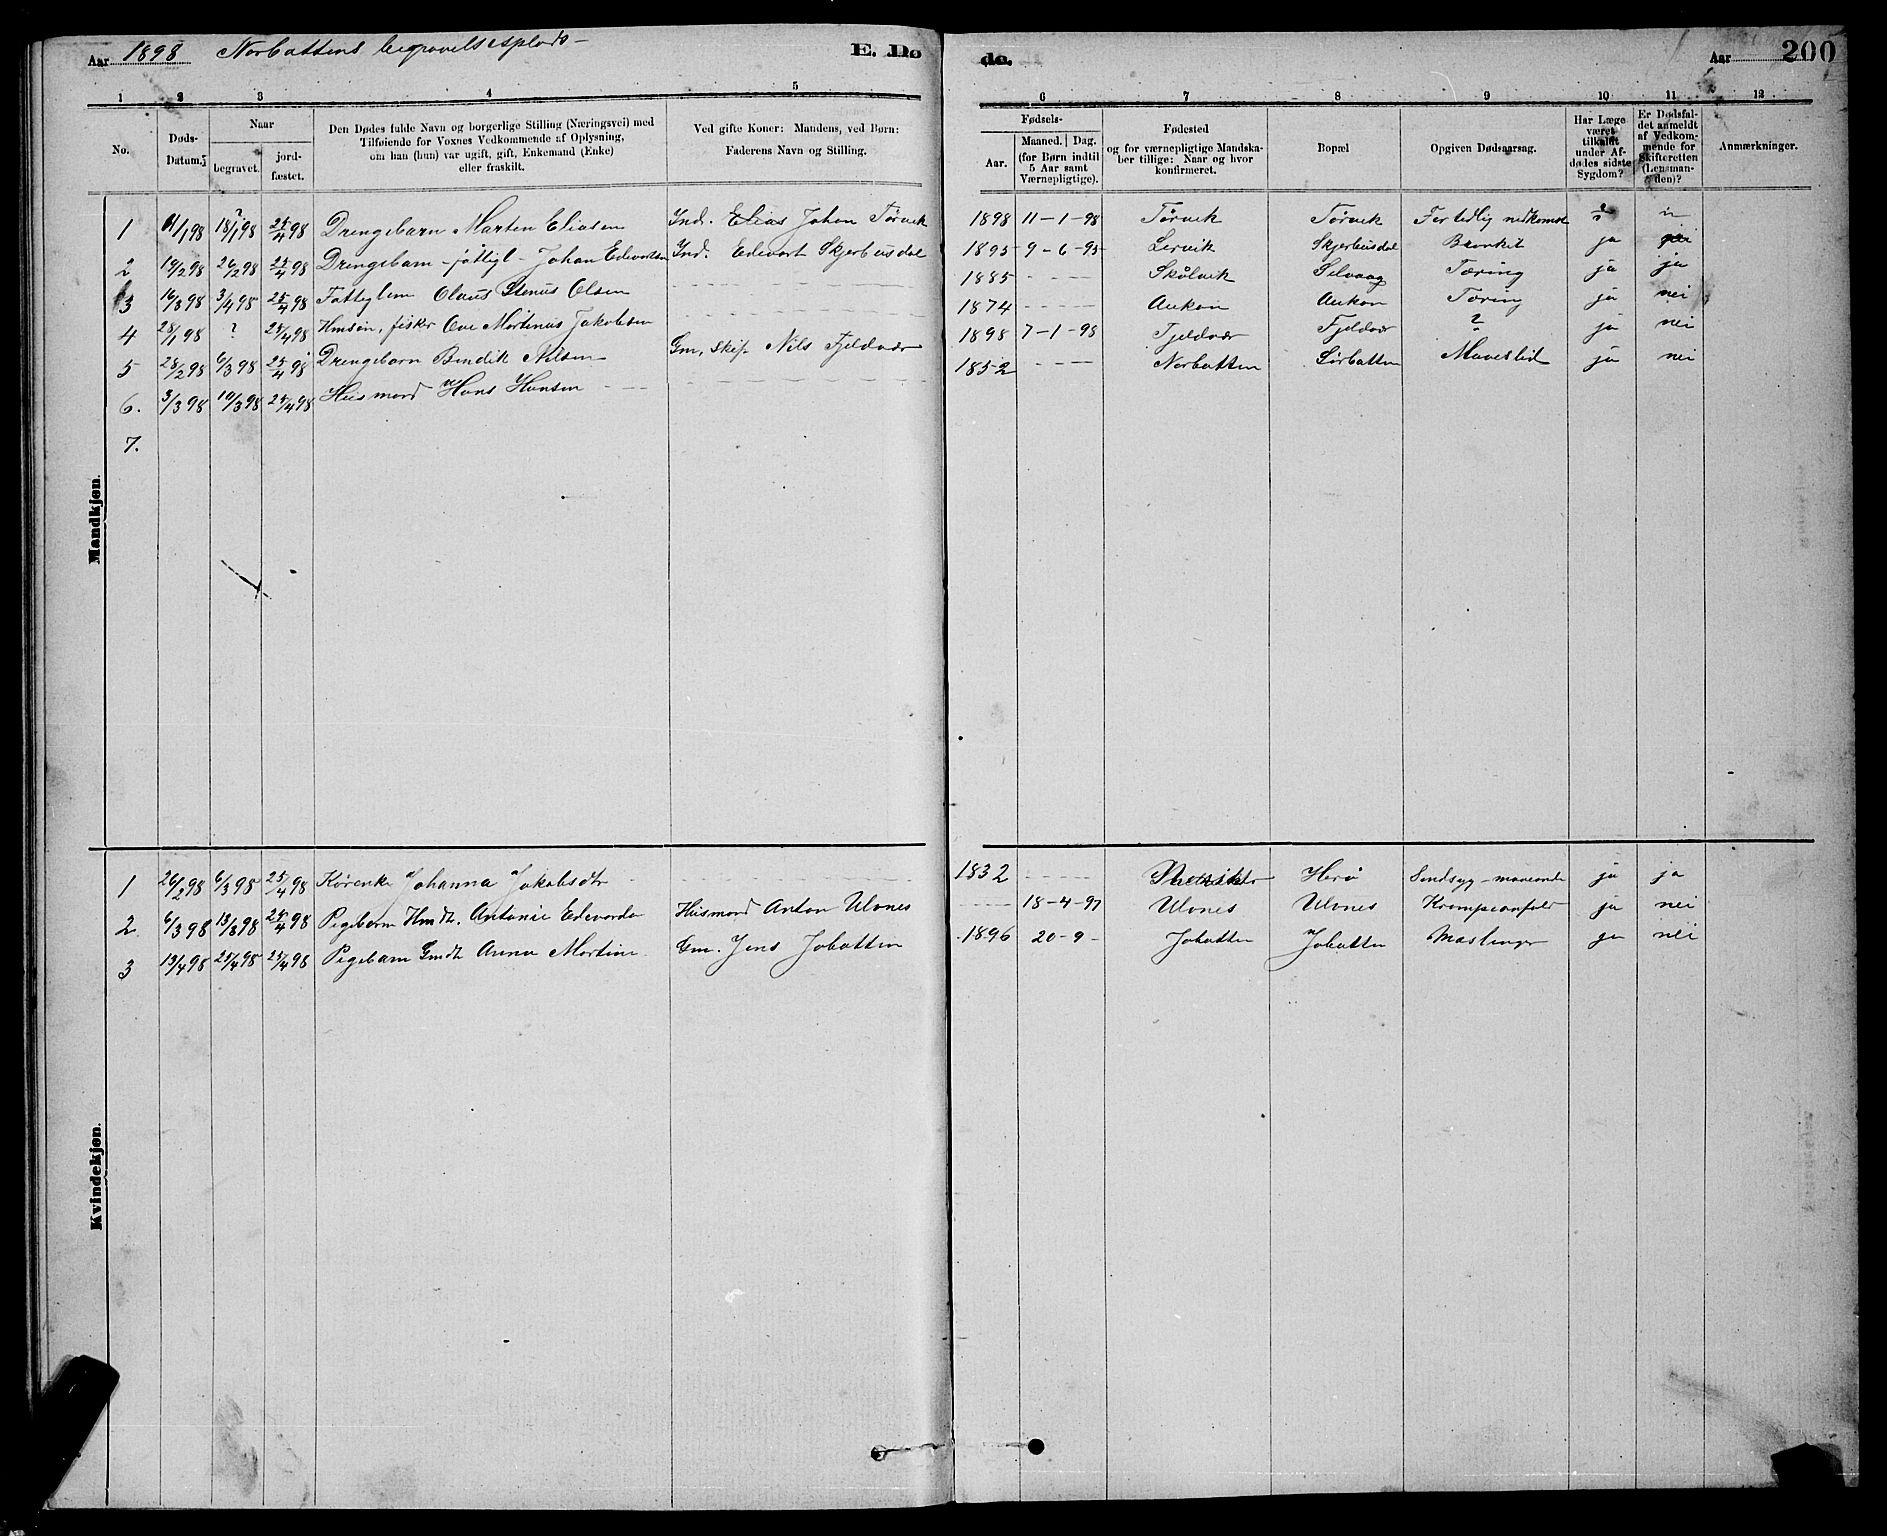 SAT, Ministerialprotokoller, klokkerbøker og fødselsregistre - Sør-Trøndelag, 637/L0562: Klokkerbok nr. 637C03, 1883-1898, s. 200